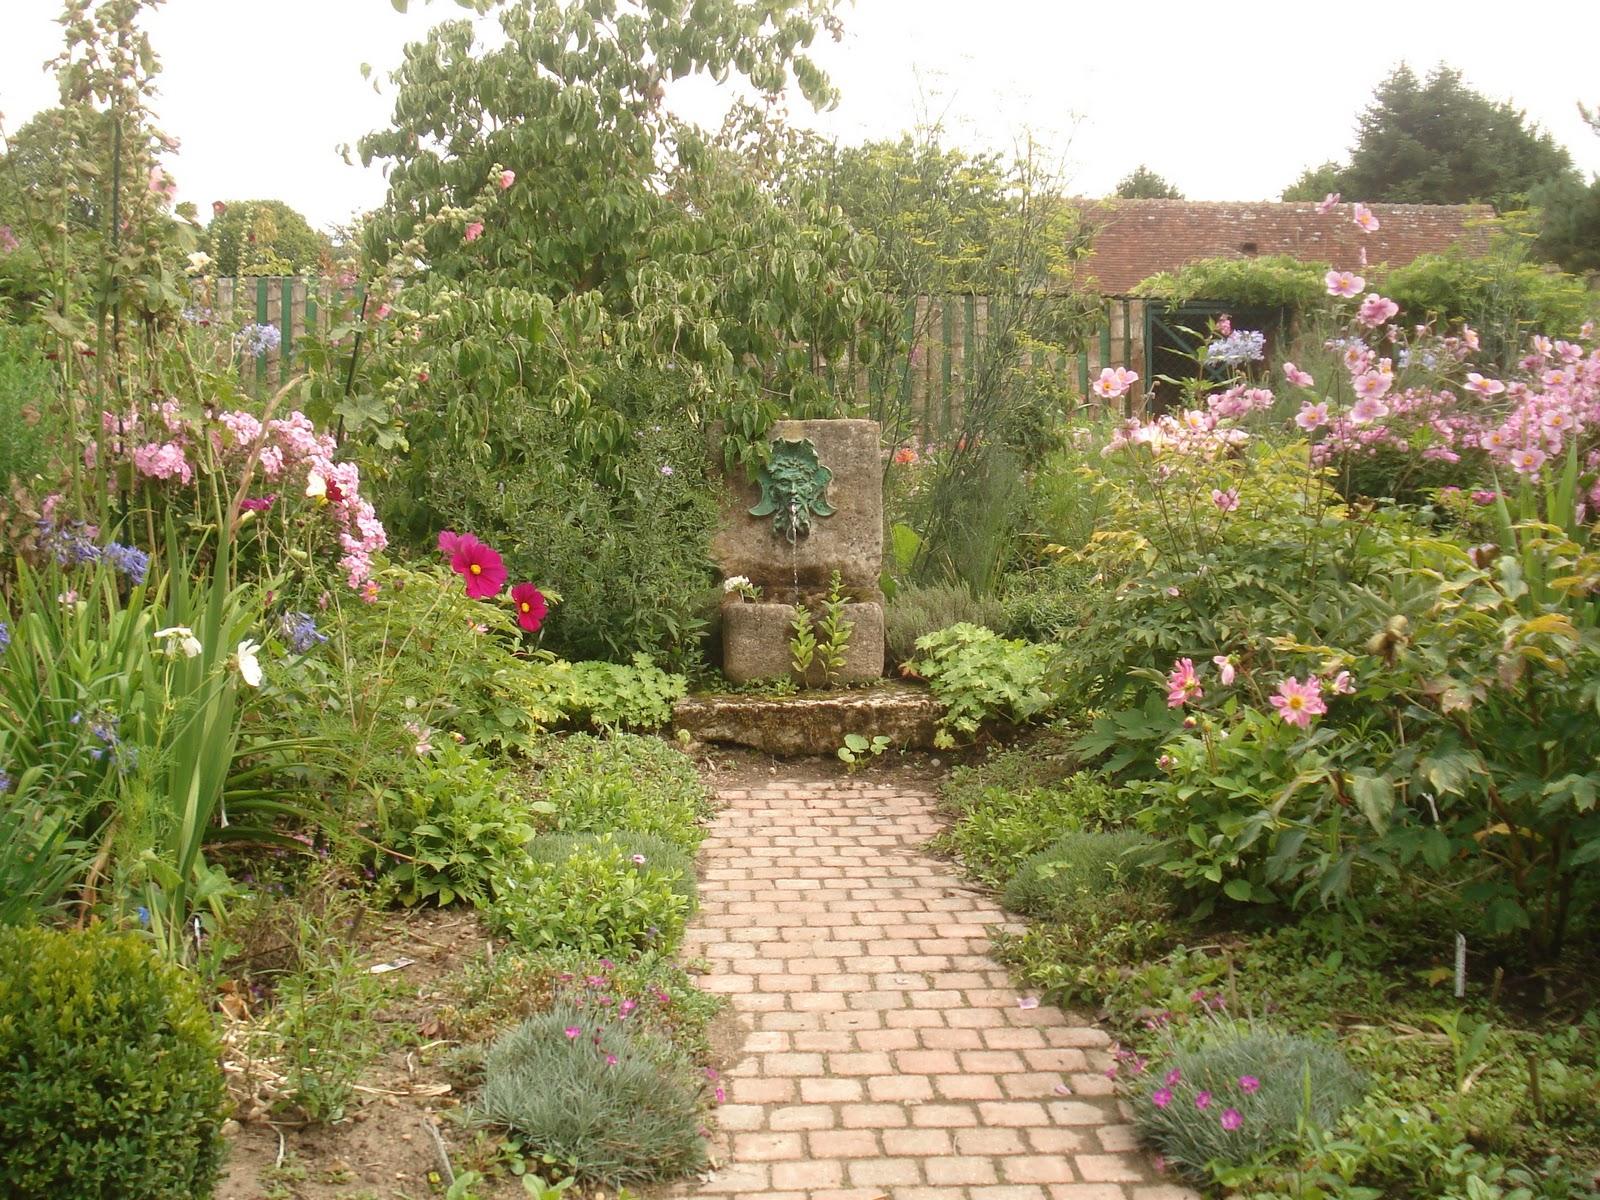 Thursday 39 s child jardin de la petite rochelle of muses and meringues - Petit jardin idee la rochelle ...